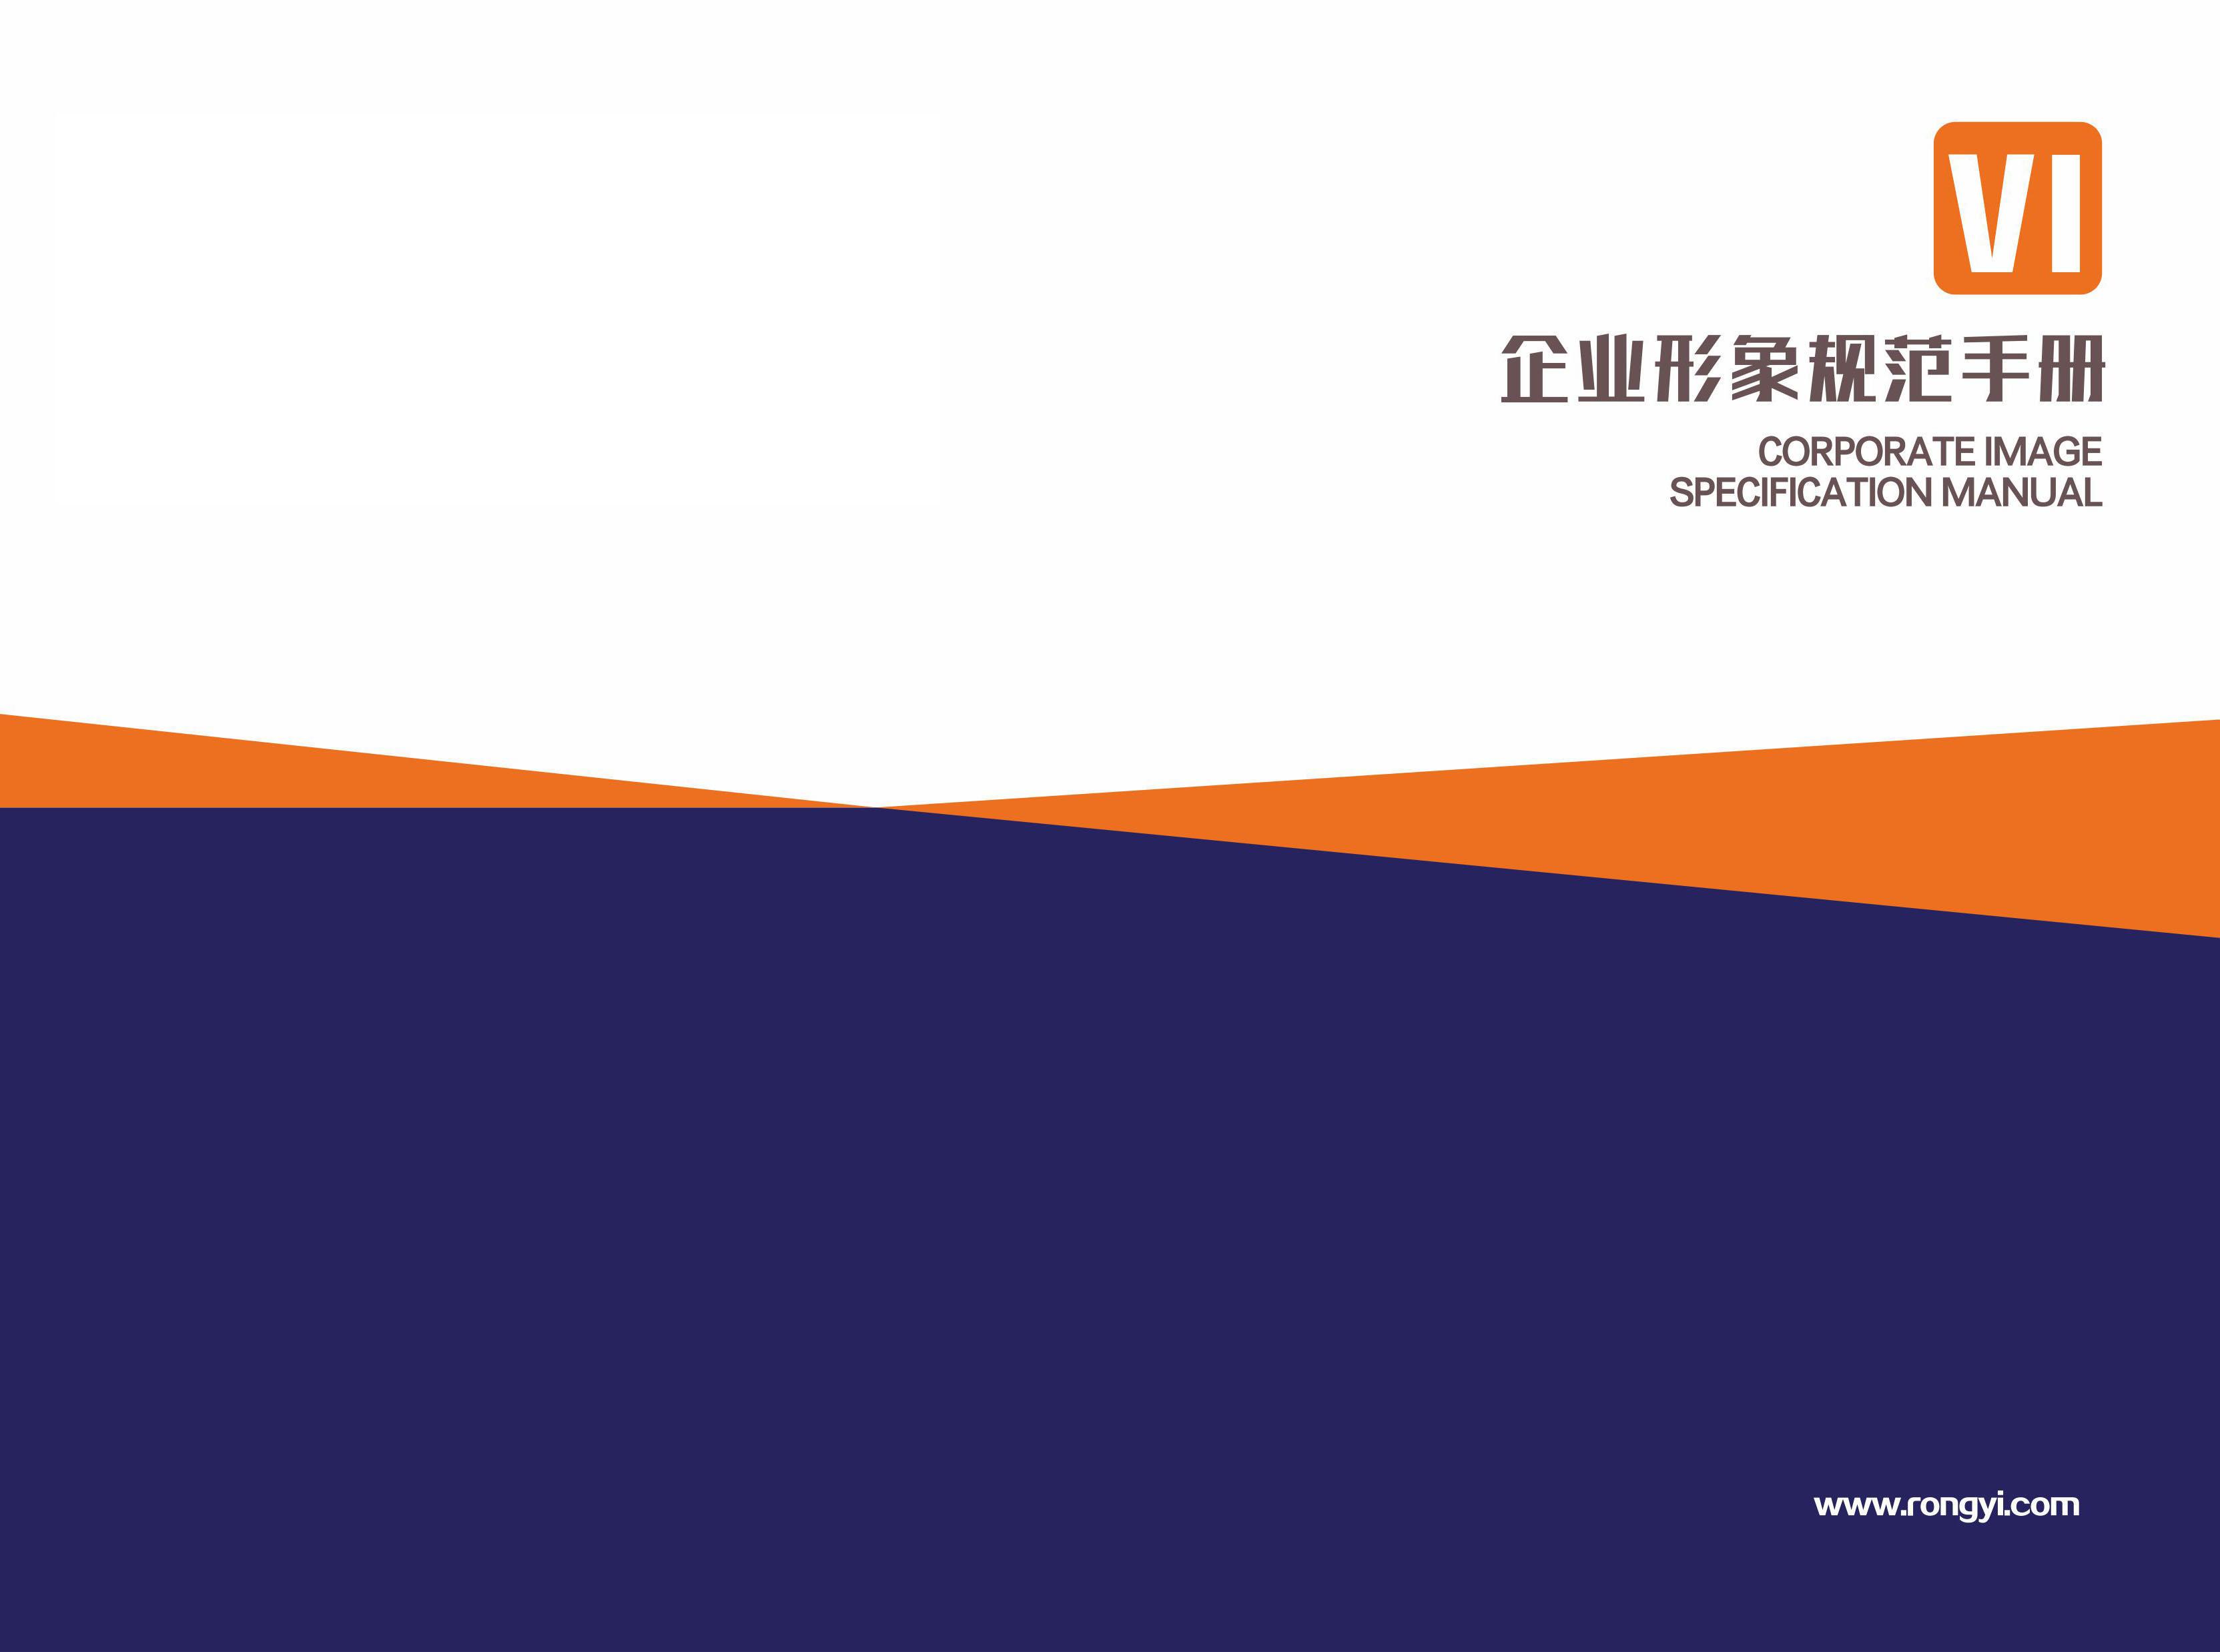 南宁融易小贷形象设计